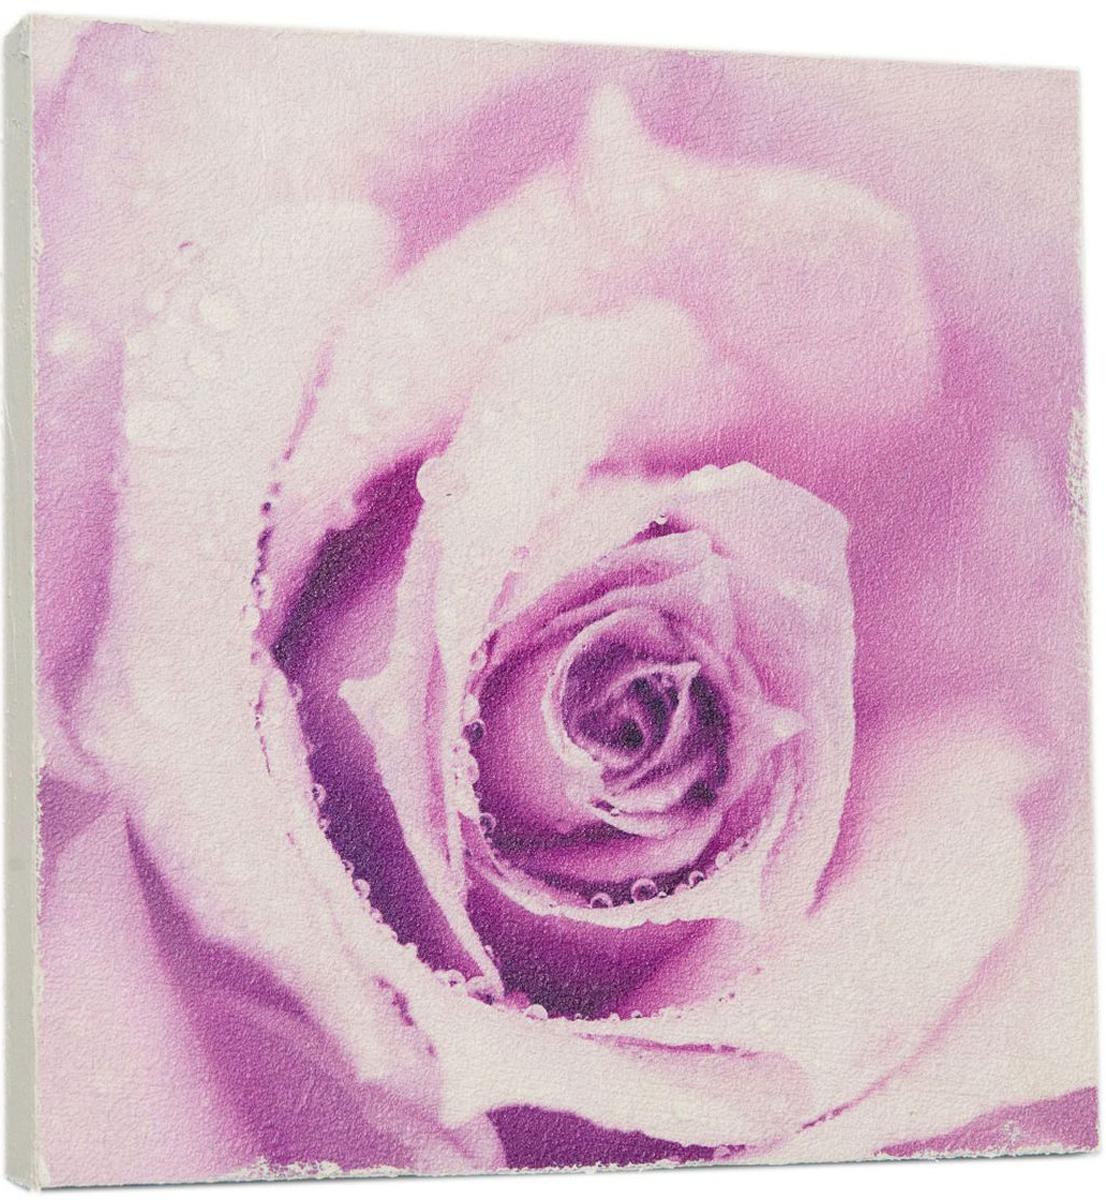 Картина Mister Poster Сиреневая роза, 14,5 х 14,5 см0351-15-15Картина Mister Poster - это высококачественная репродукция на деревянной раме. Лицевая поверхность имитирует штукатурку или натуральный холст, края окрашены вручную специальным декоративным составом.Современные технологии, уникальное оборудование и оригинальные чернила, используемые при изготовлении, делают постер устойчивым к выцветанию, а также гарантируют стойкость к воздействию негативных внешних факторов. Интерьер дома и офиса, в котором находится человек, в значительной степени влияет на его настроение и работоспособность. Правильное оформление интерьера создает благоприятный психологический климат, улучшает настроение и мотивирует. Добавьте «красок» в ваш интерьер и, возможно, в вашу жизнь.